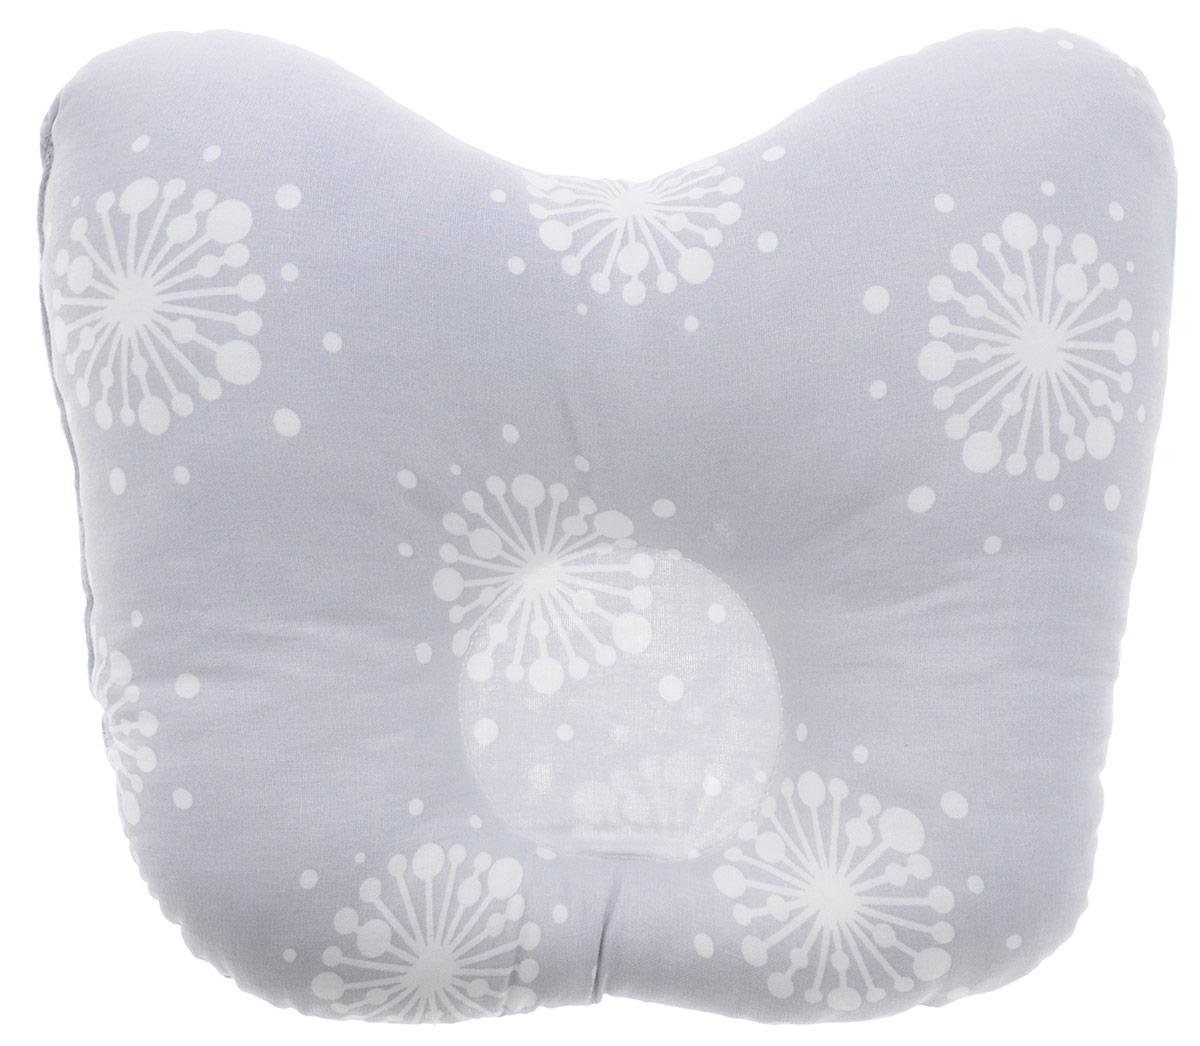 Rabby Baby Подушка анатомическая для младенцев На лужайке цвет серый 27 х 20 смAN15944/5Анатомическая подушка для младенцев Rabby Baby На лужайке изготовлена из 100% хлопка. Наполнитель - синтепон в гранулах. Подушка компактна и удобна для пеленания малыша и кормления на руках, она также незаменима для сна ребенка в кроватке и комфортна для использования в коляске на прогулке. Углубление в подушке фиксирует правильное положение головы ребенка. Подушка помогает правильному формированию шейного отдела позвоночника.